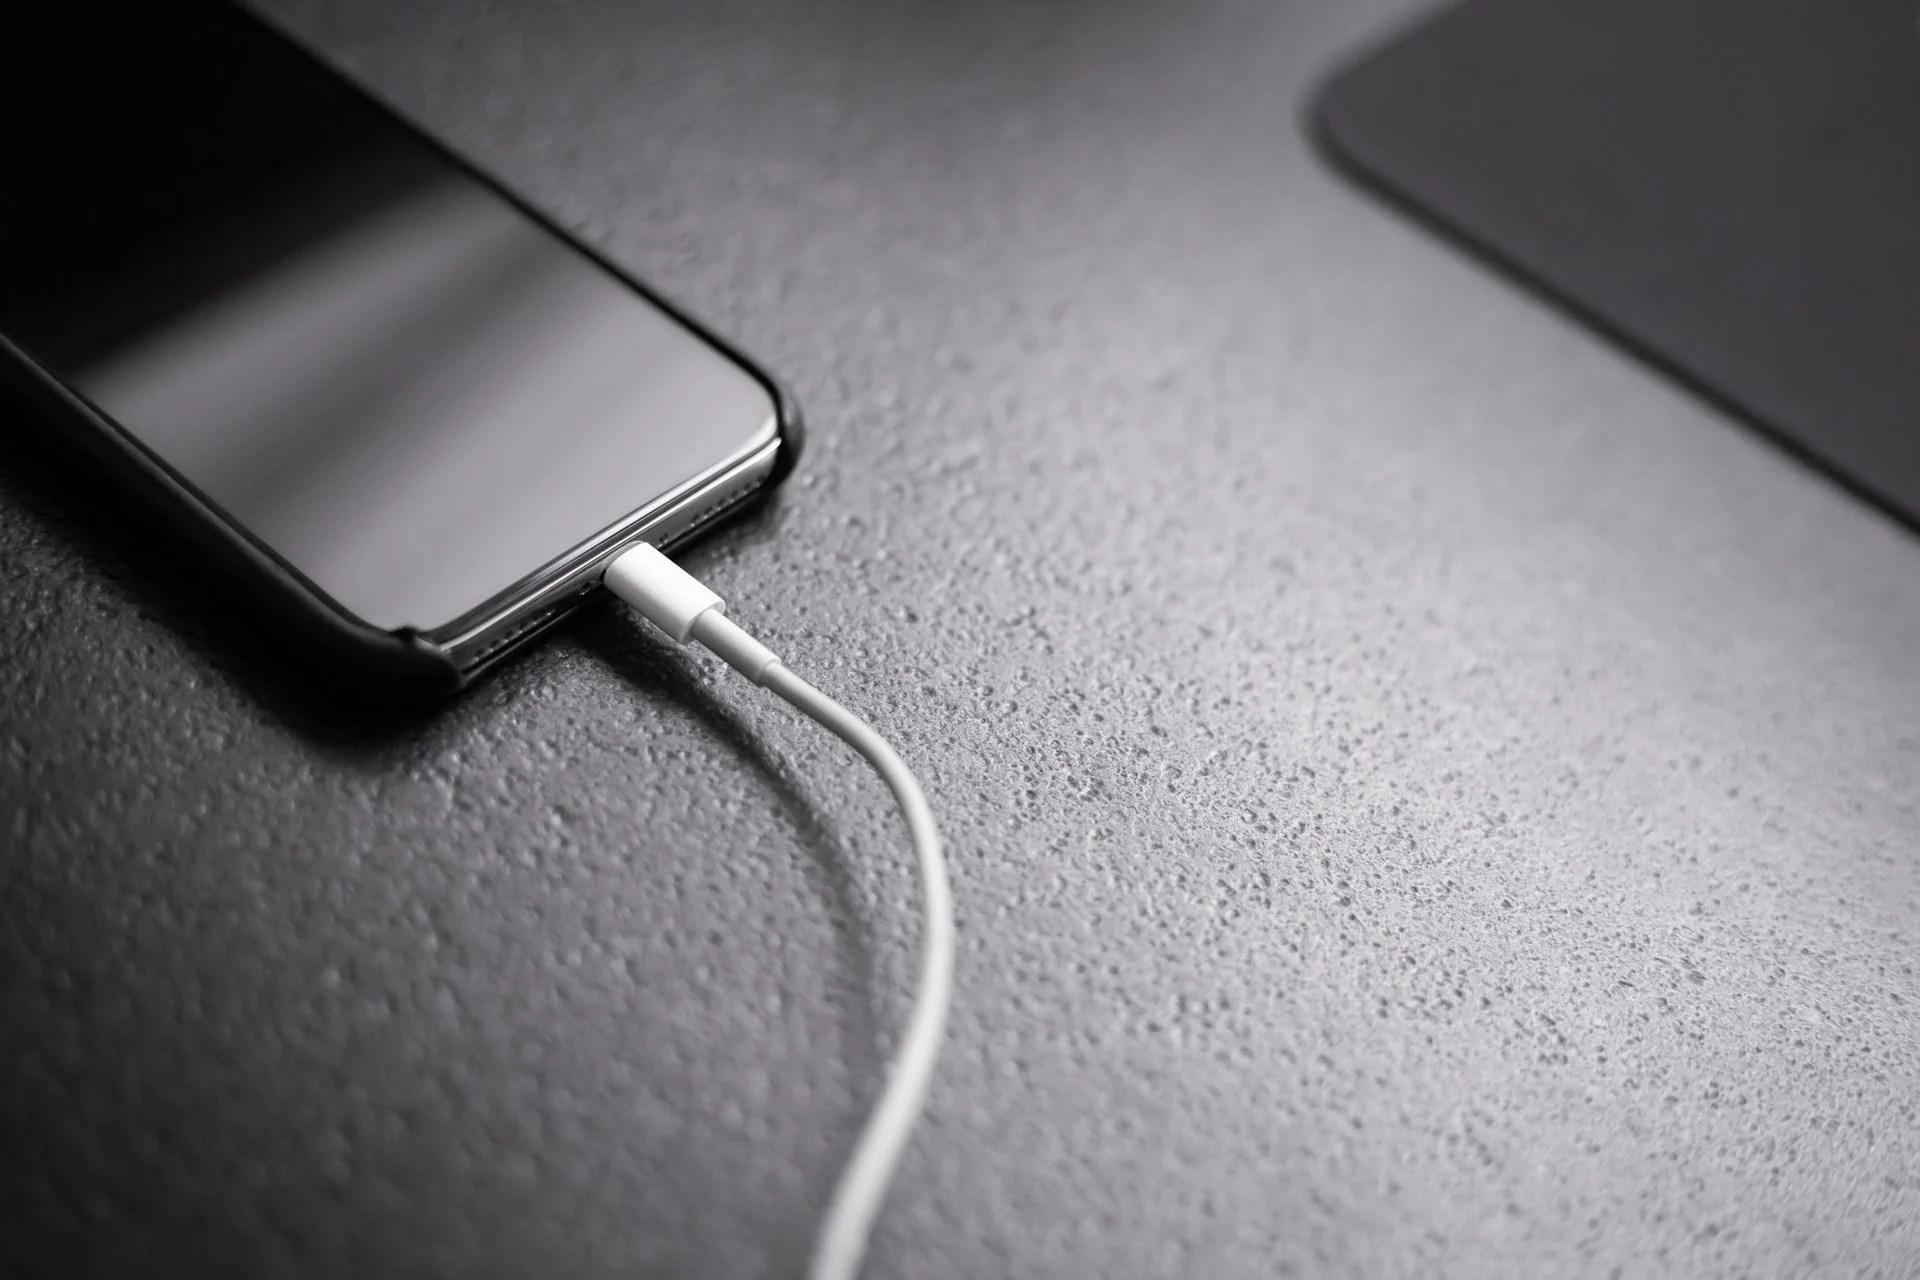 Apple travaillerait enfin à rendre ses câbles Lightning plus solides